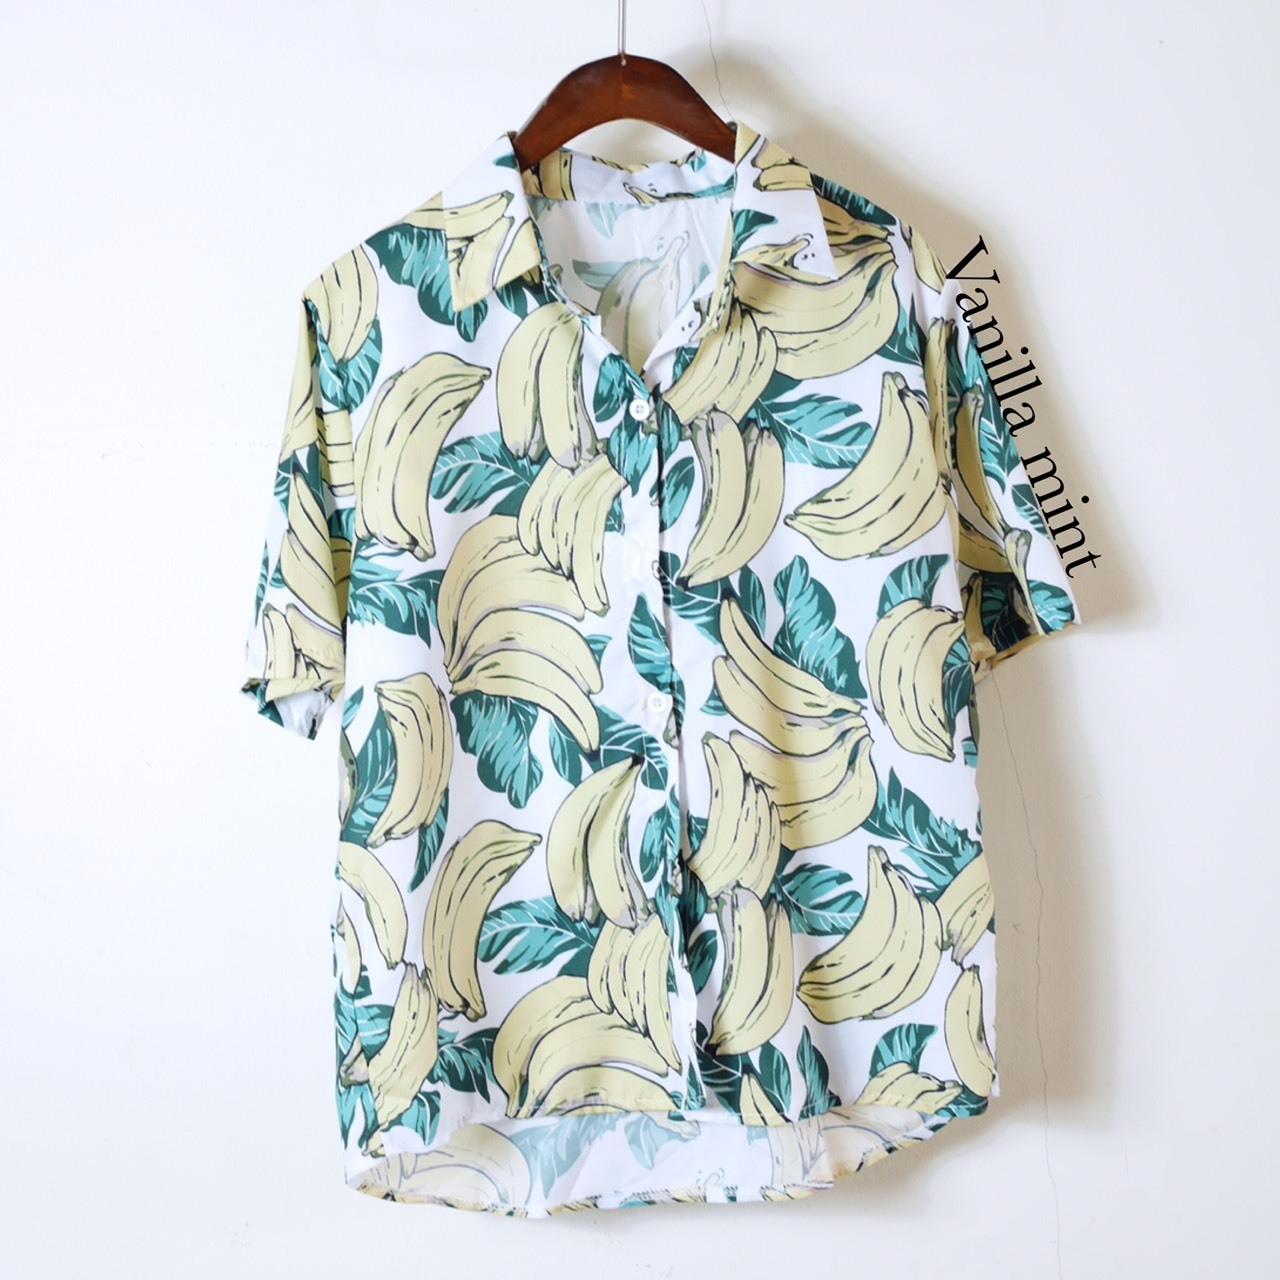 เสื้อผ้าแฟชั่นพร้อมส่ง เสื้อเชิ้ตพิมพ์ลายกล้วยหอม